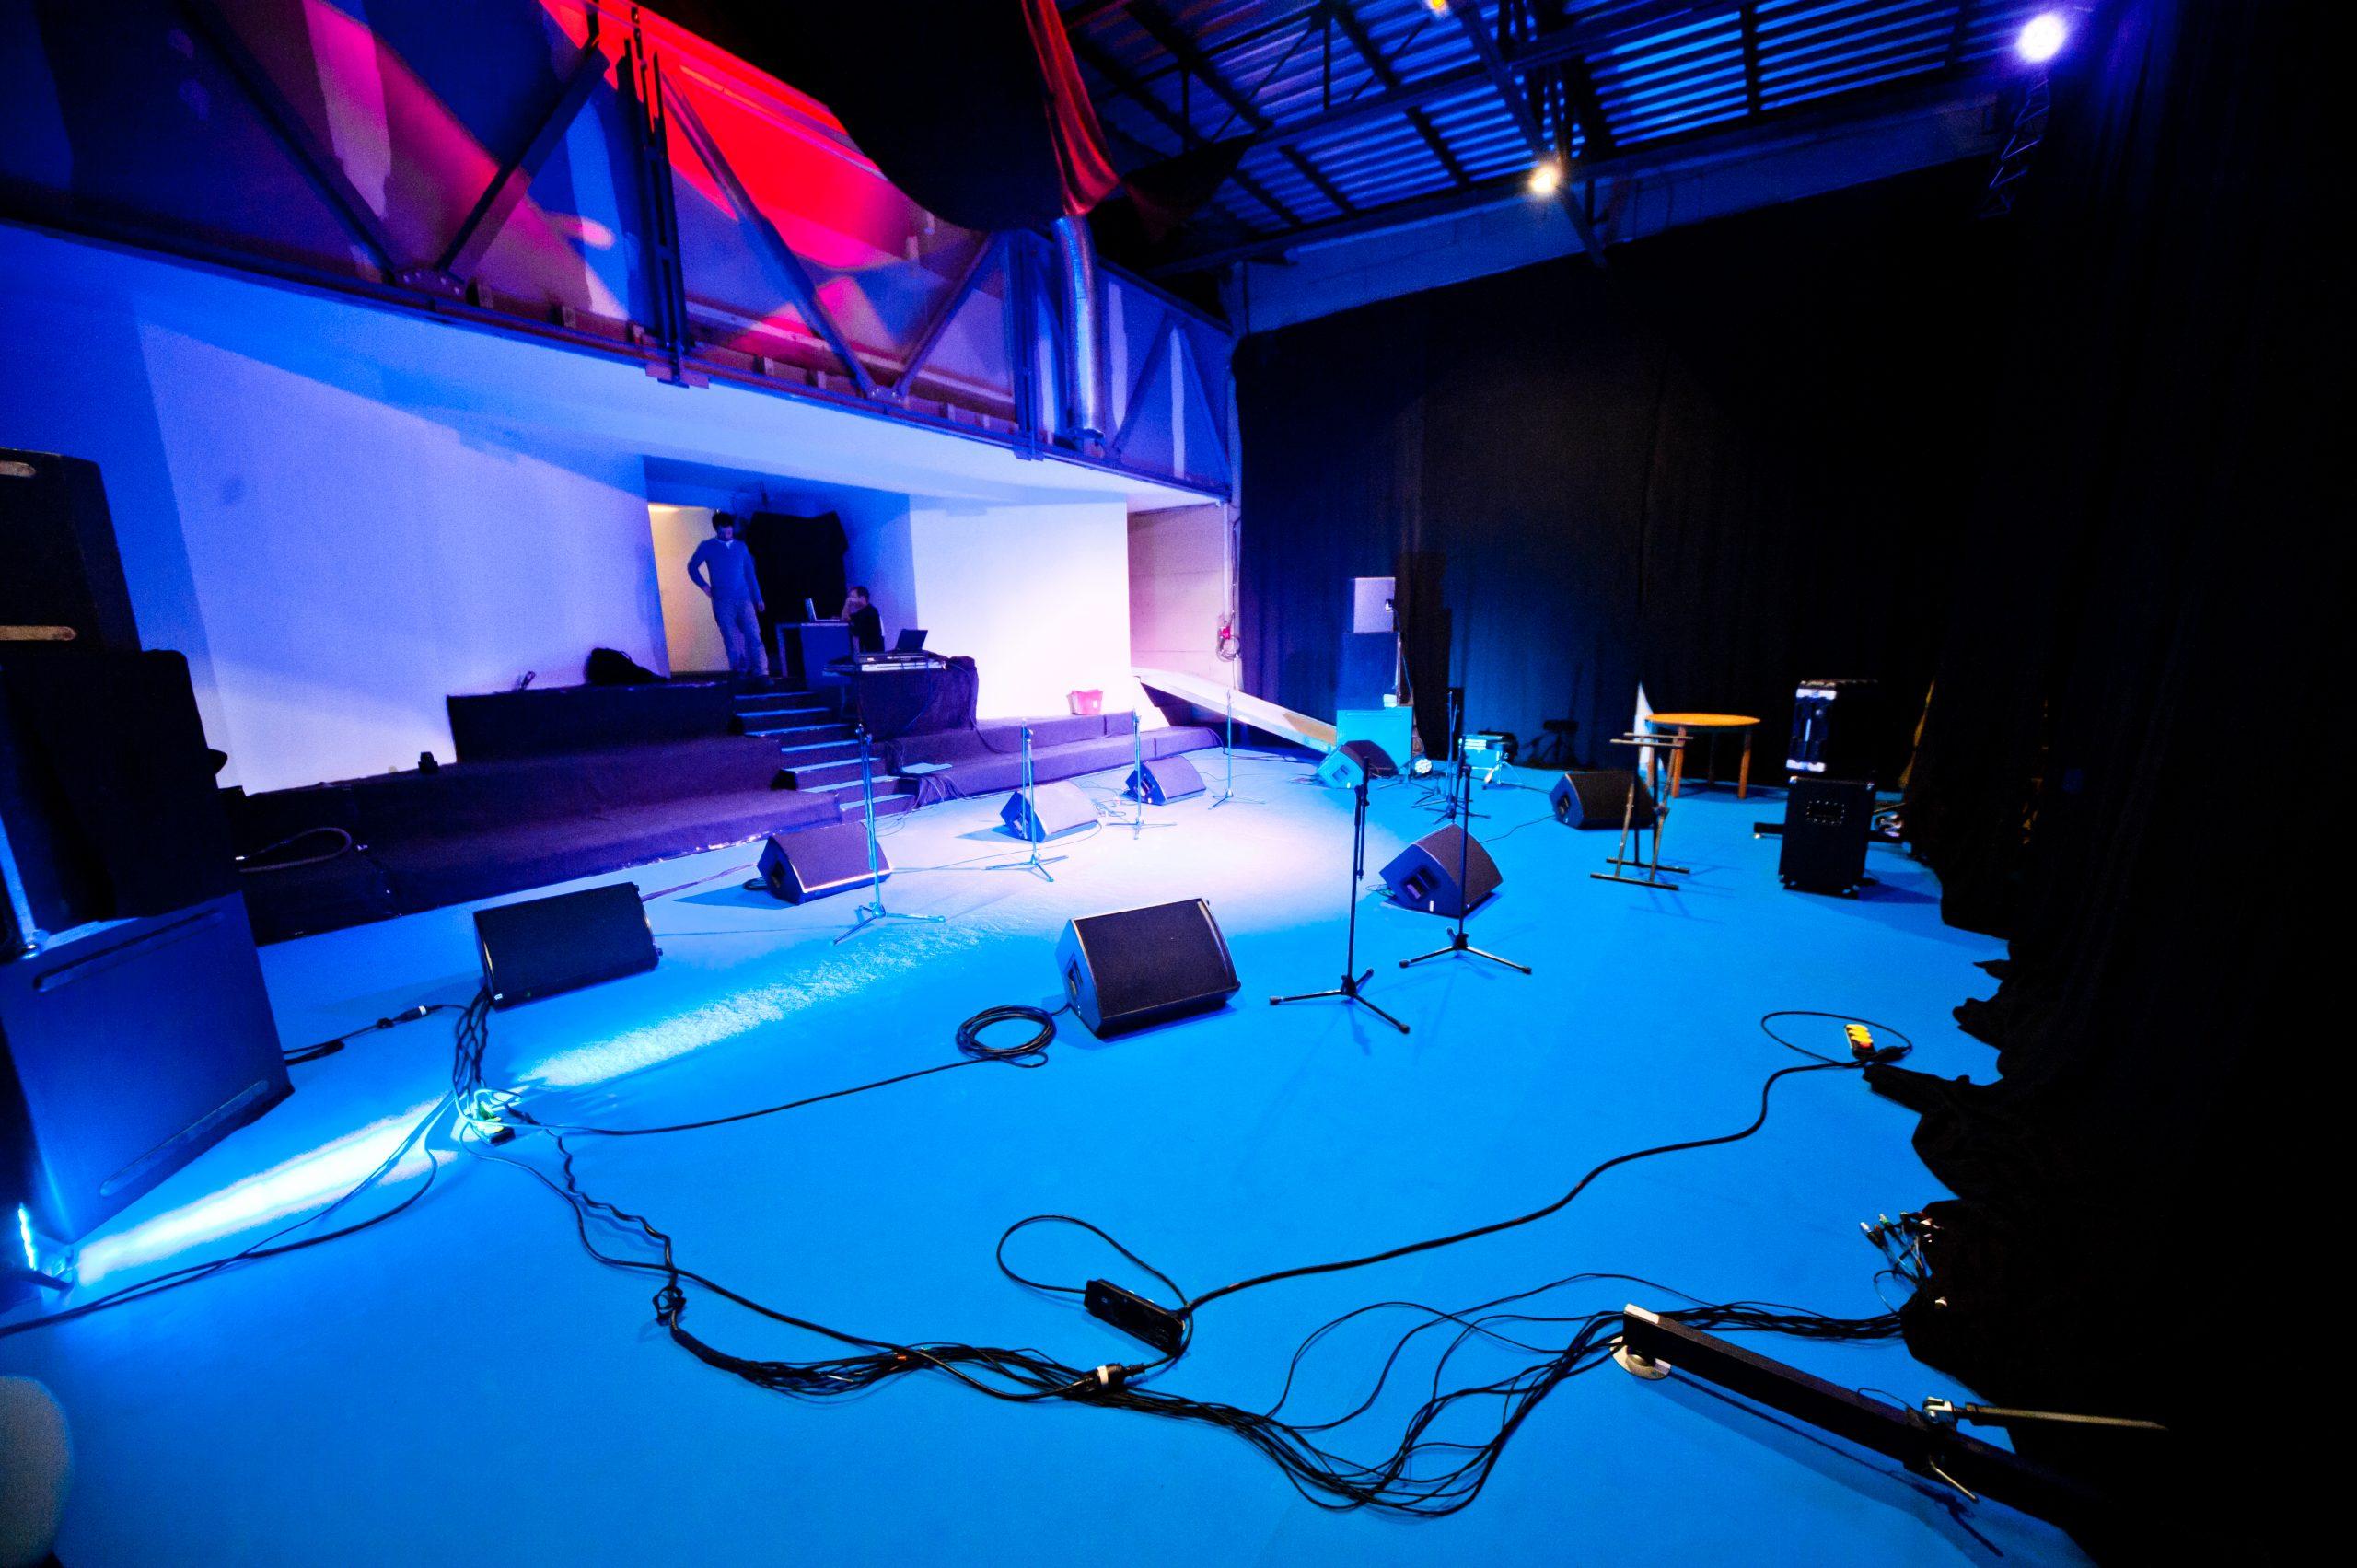 Une salle de création artistique dans une salle de spectacle à la moquette bleue